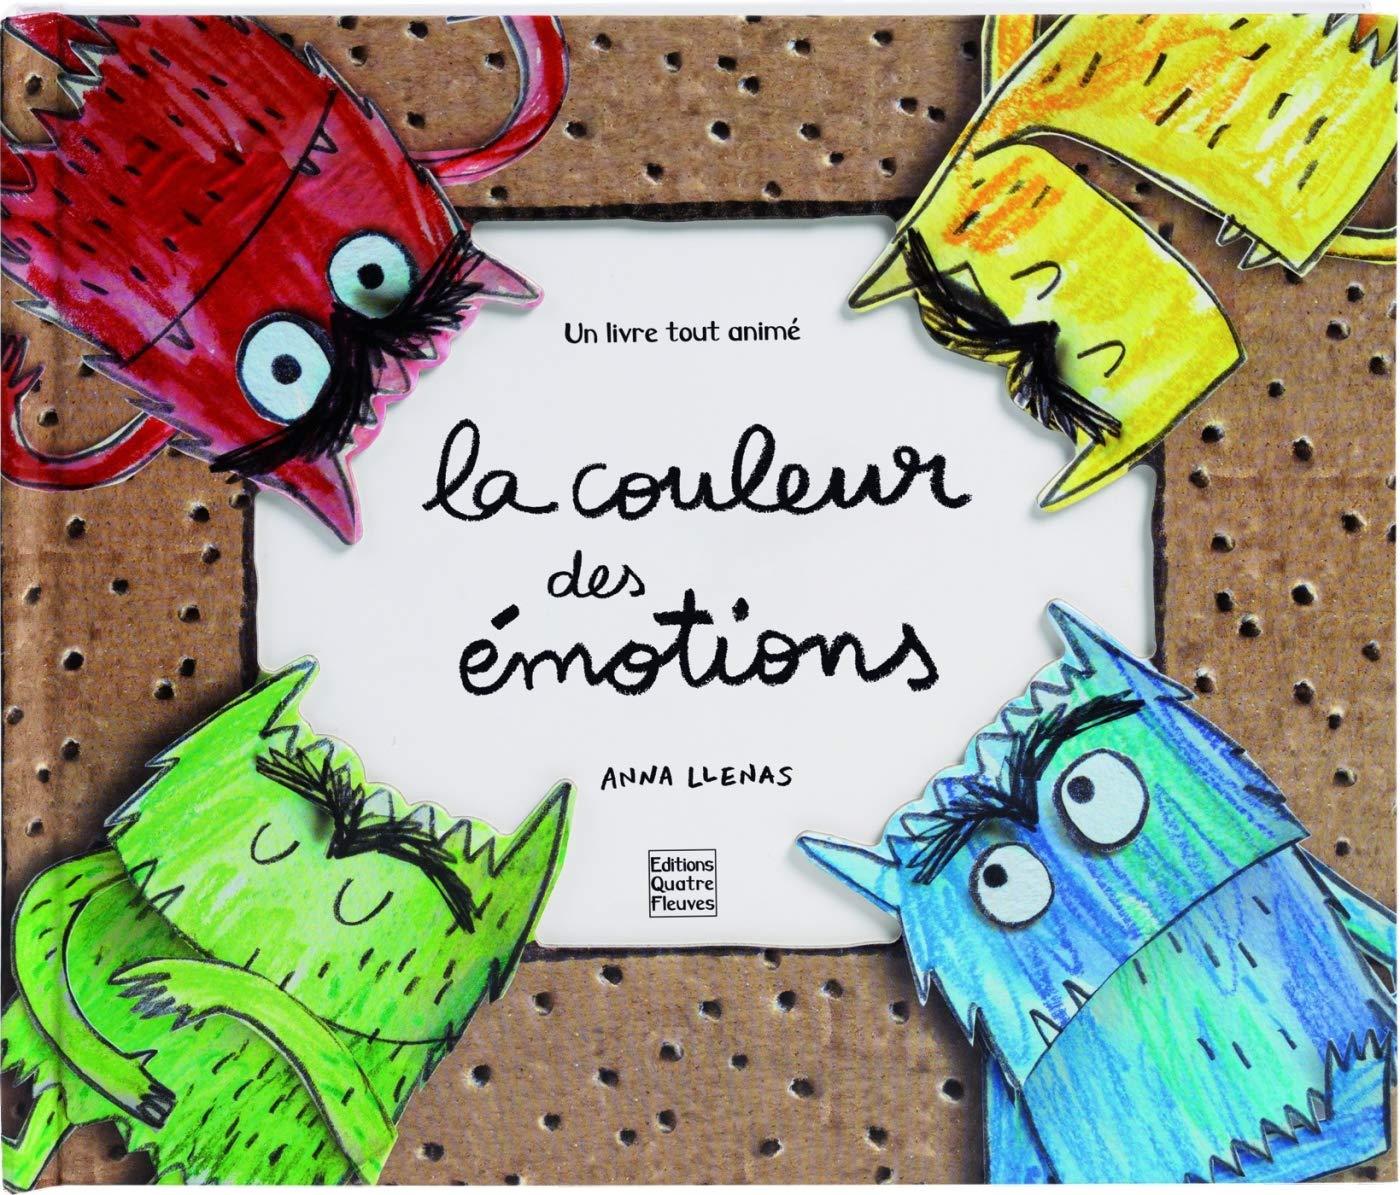 livre sur les émotions, comprendre ses émotions, les émotions enfants, émotion enfant, enfant en colère pourquoi, histoire bienveillante, éducation positive, aider son enfant avec ses émotions, livre 2 ans, livre 3 ans, livre 4 ans, livre pop up, livre interactif